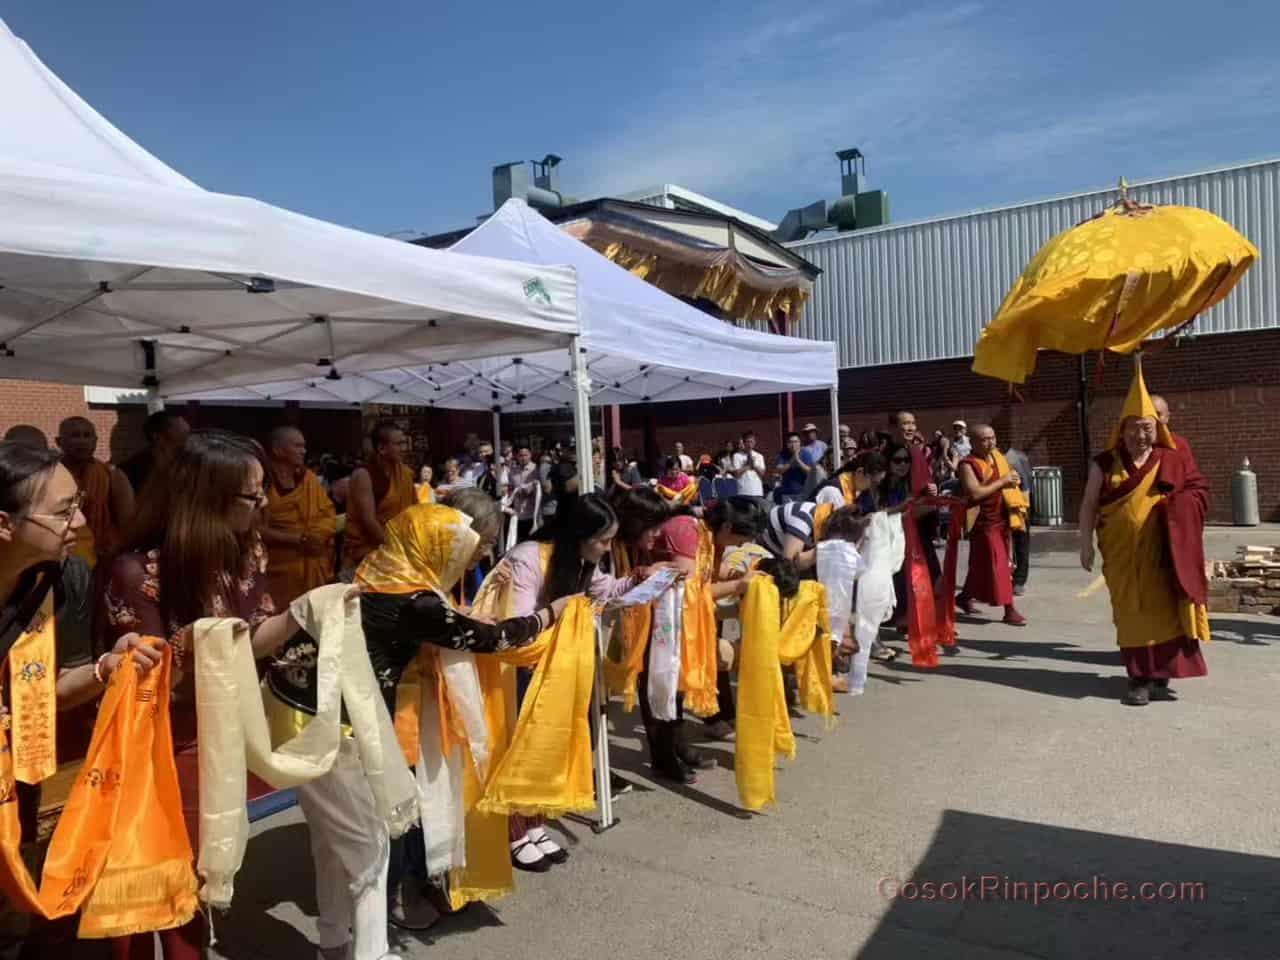 Gosok rinpoche Yamantaka Fire Puja 20190922225933